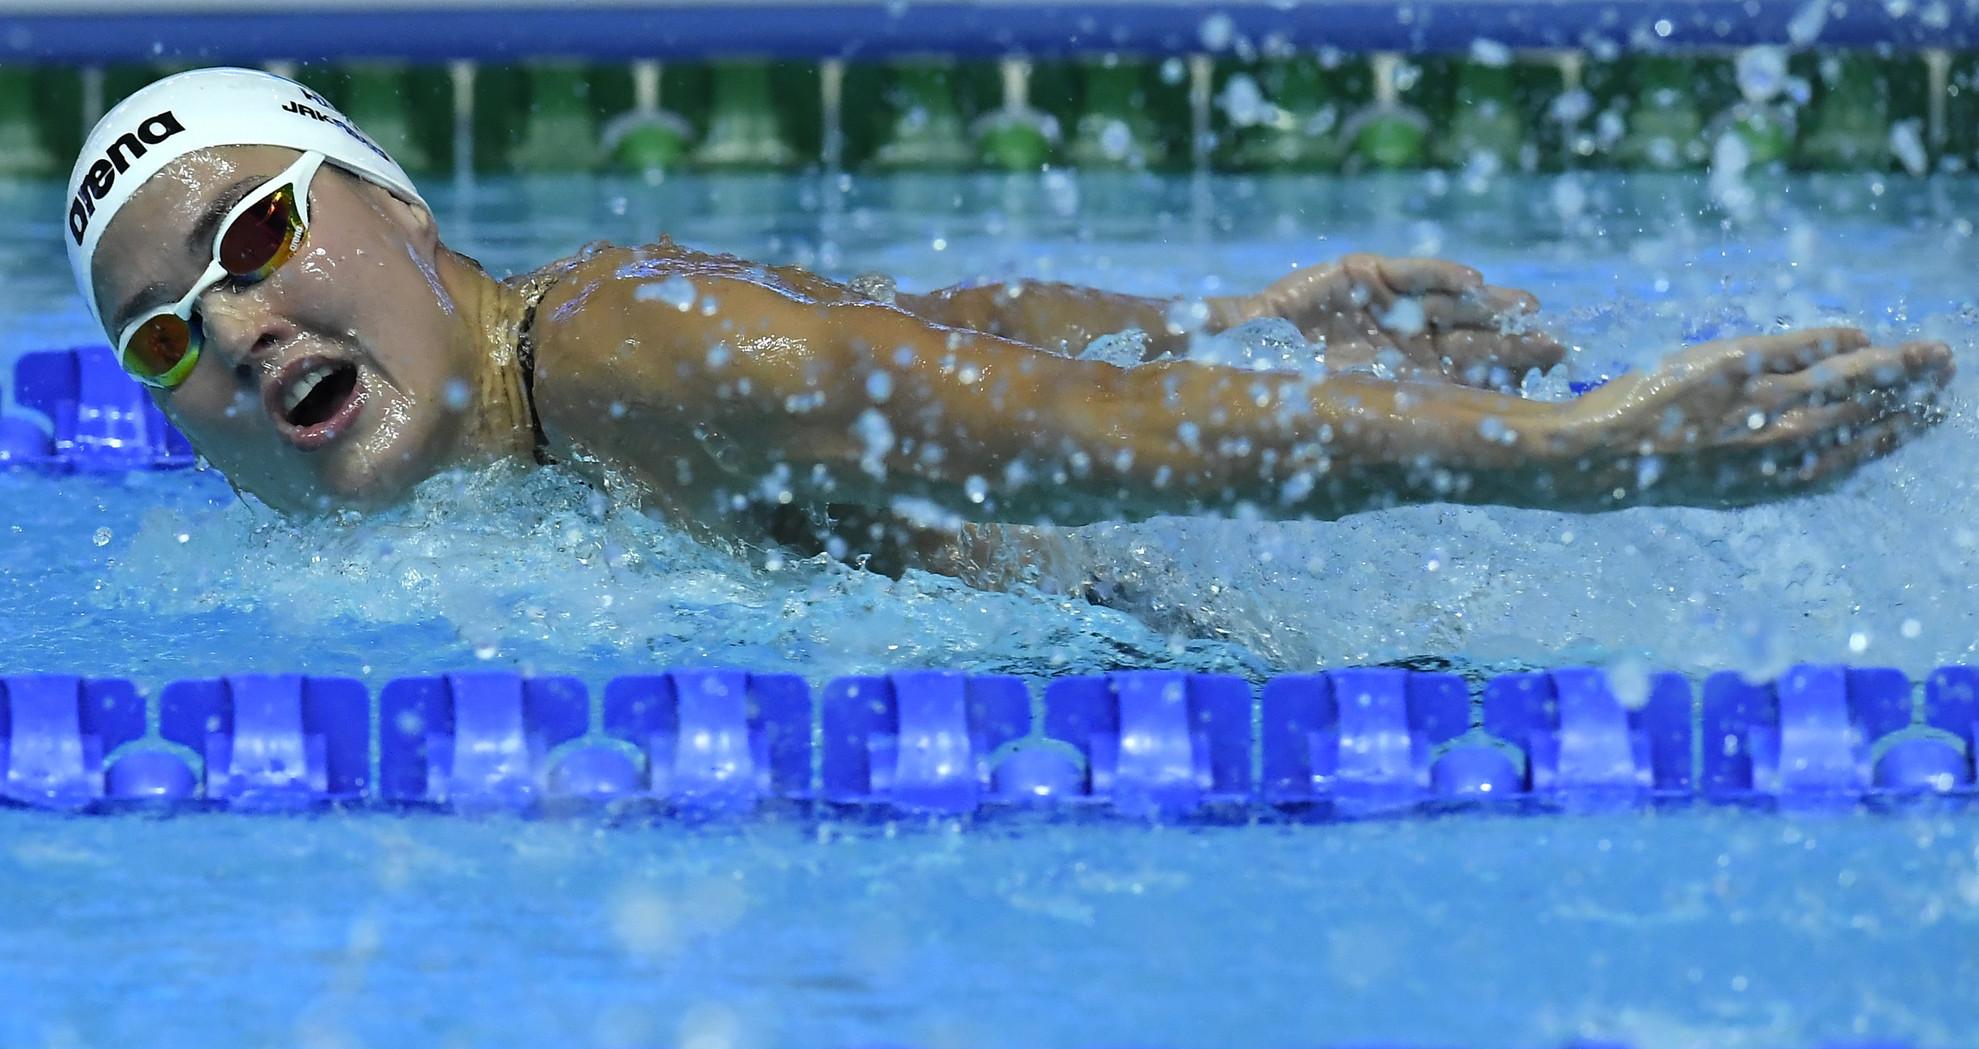 Jakabos Zsuzsanna a női 400 méteres vegyesúszás döntőjében a 18. vizes világbajnokságon a dél-koreai Kvangdzsuban